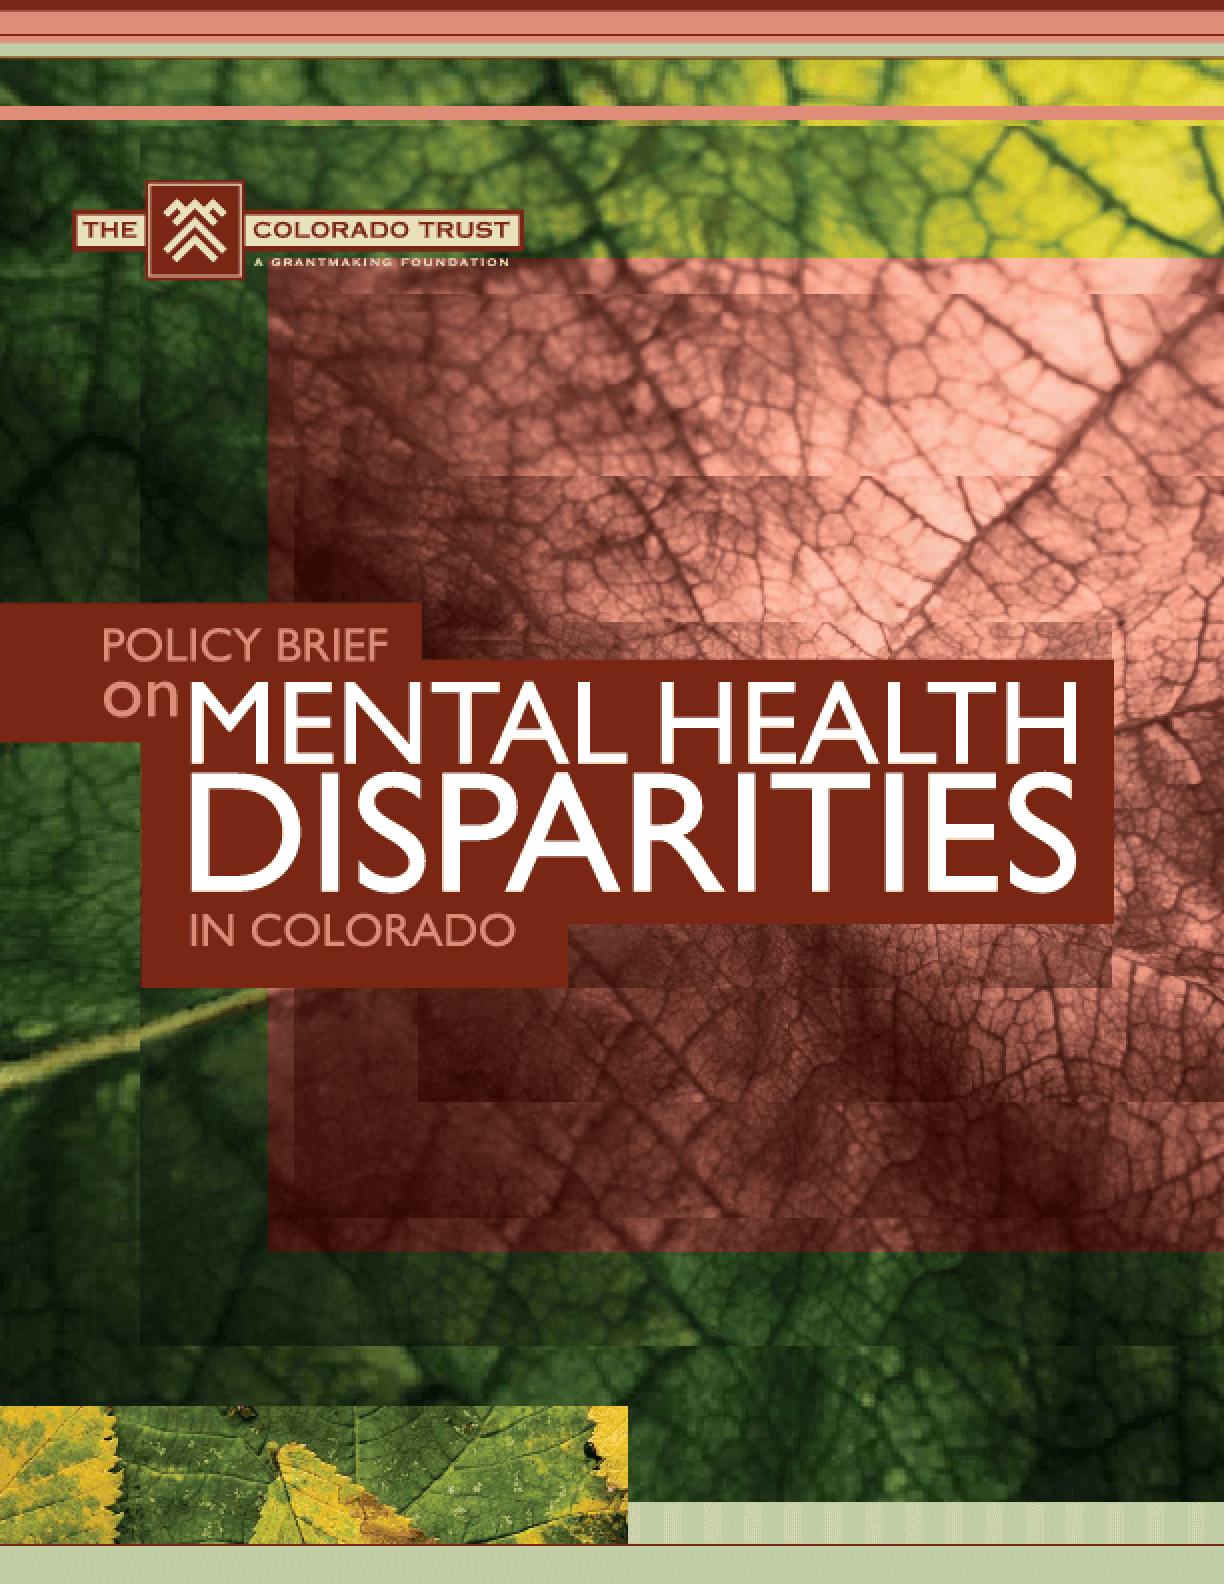 Policy Brief on Mental Health Disparities in Colorado